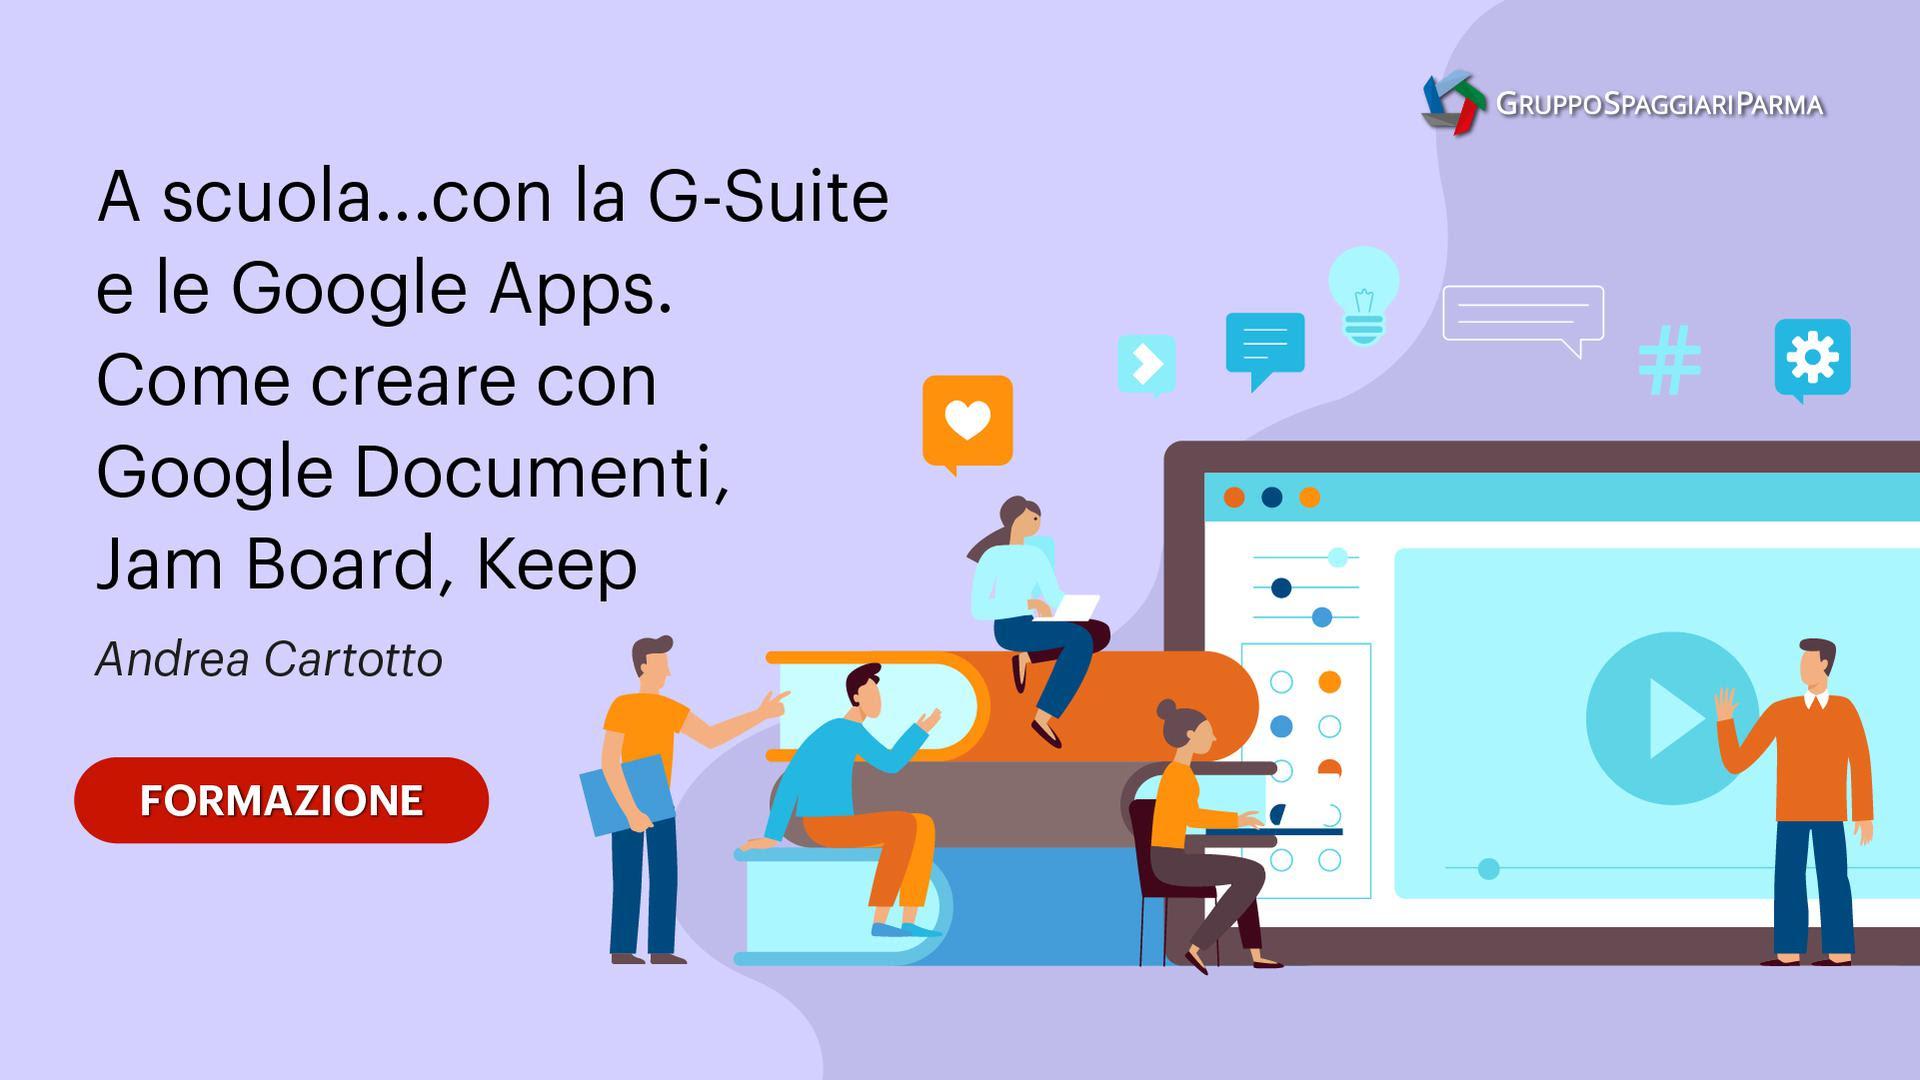 A scuola con la G-Suite e le Google Apps